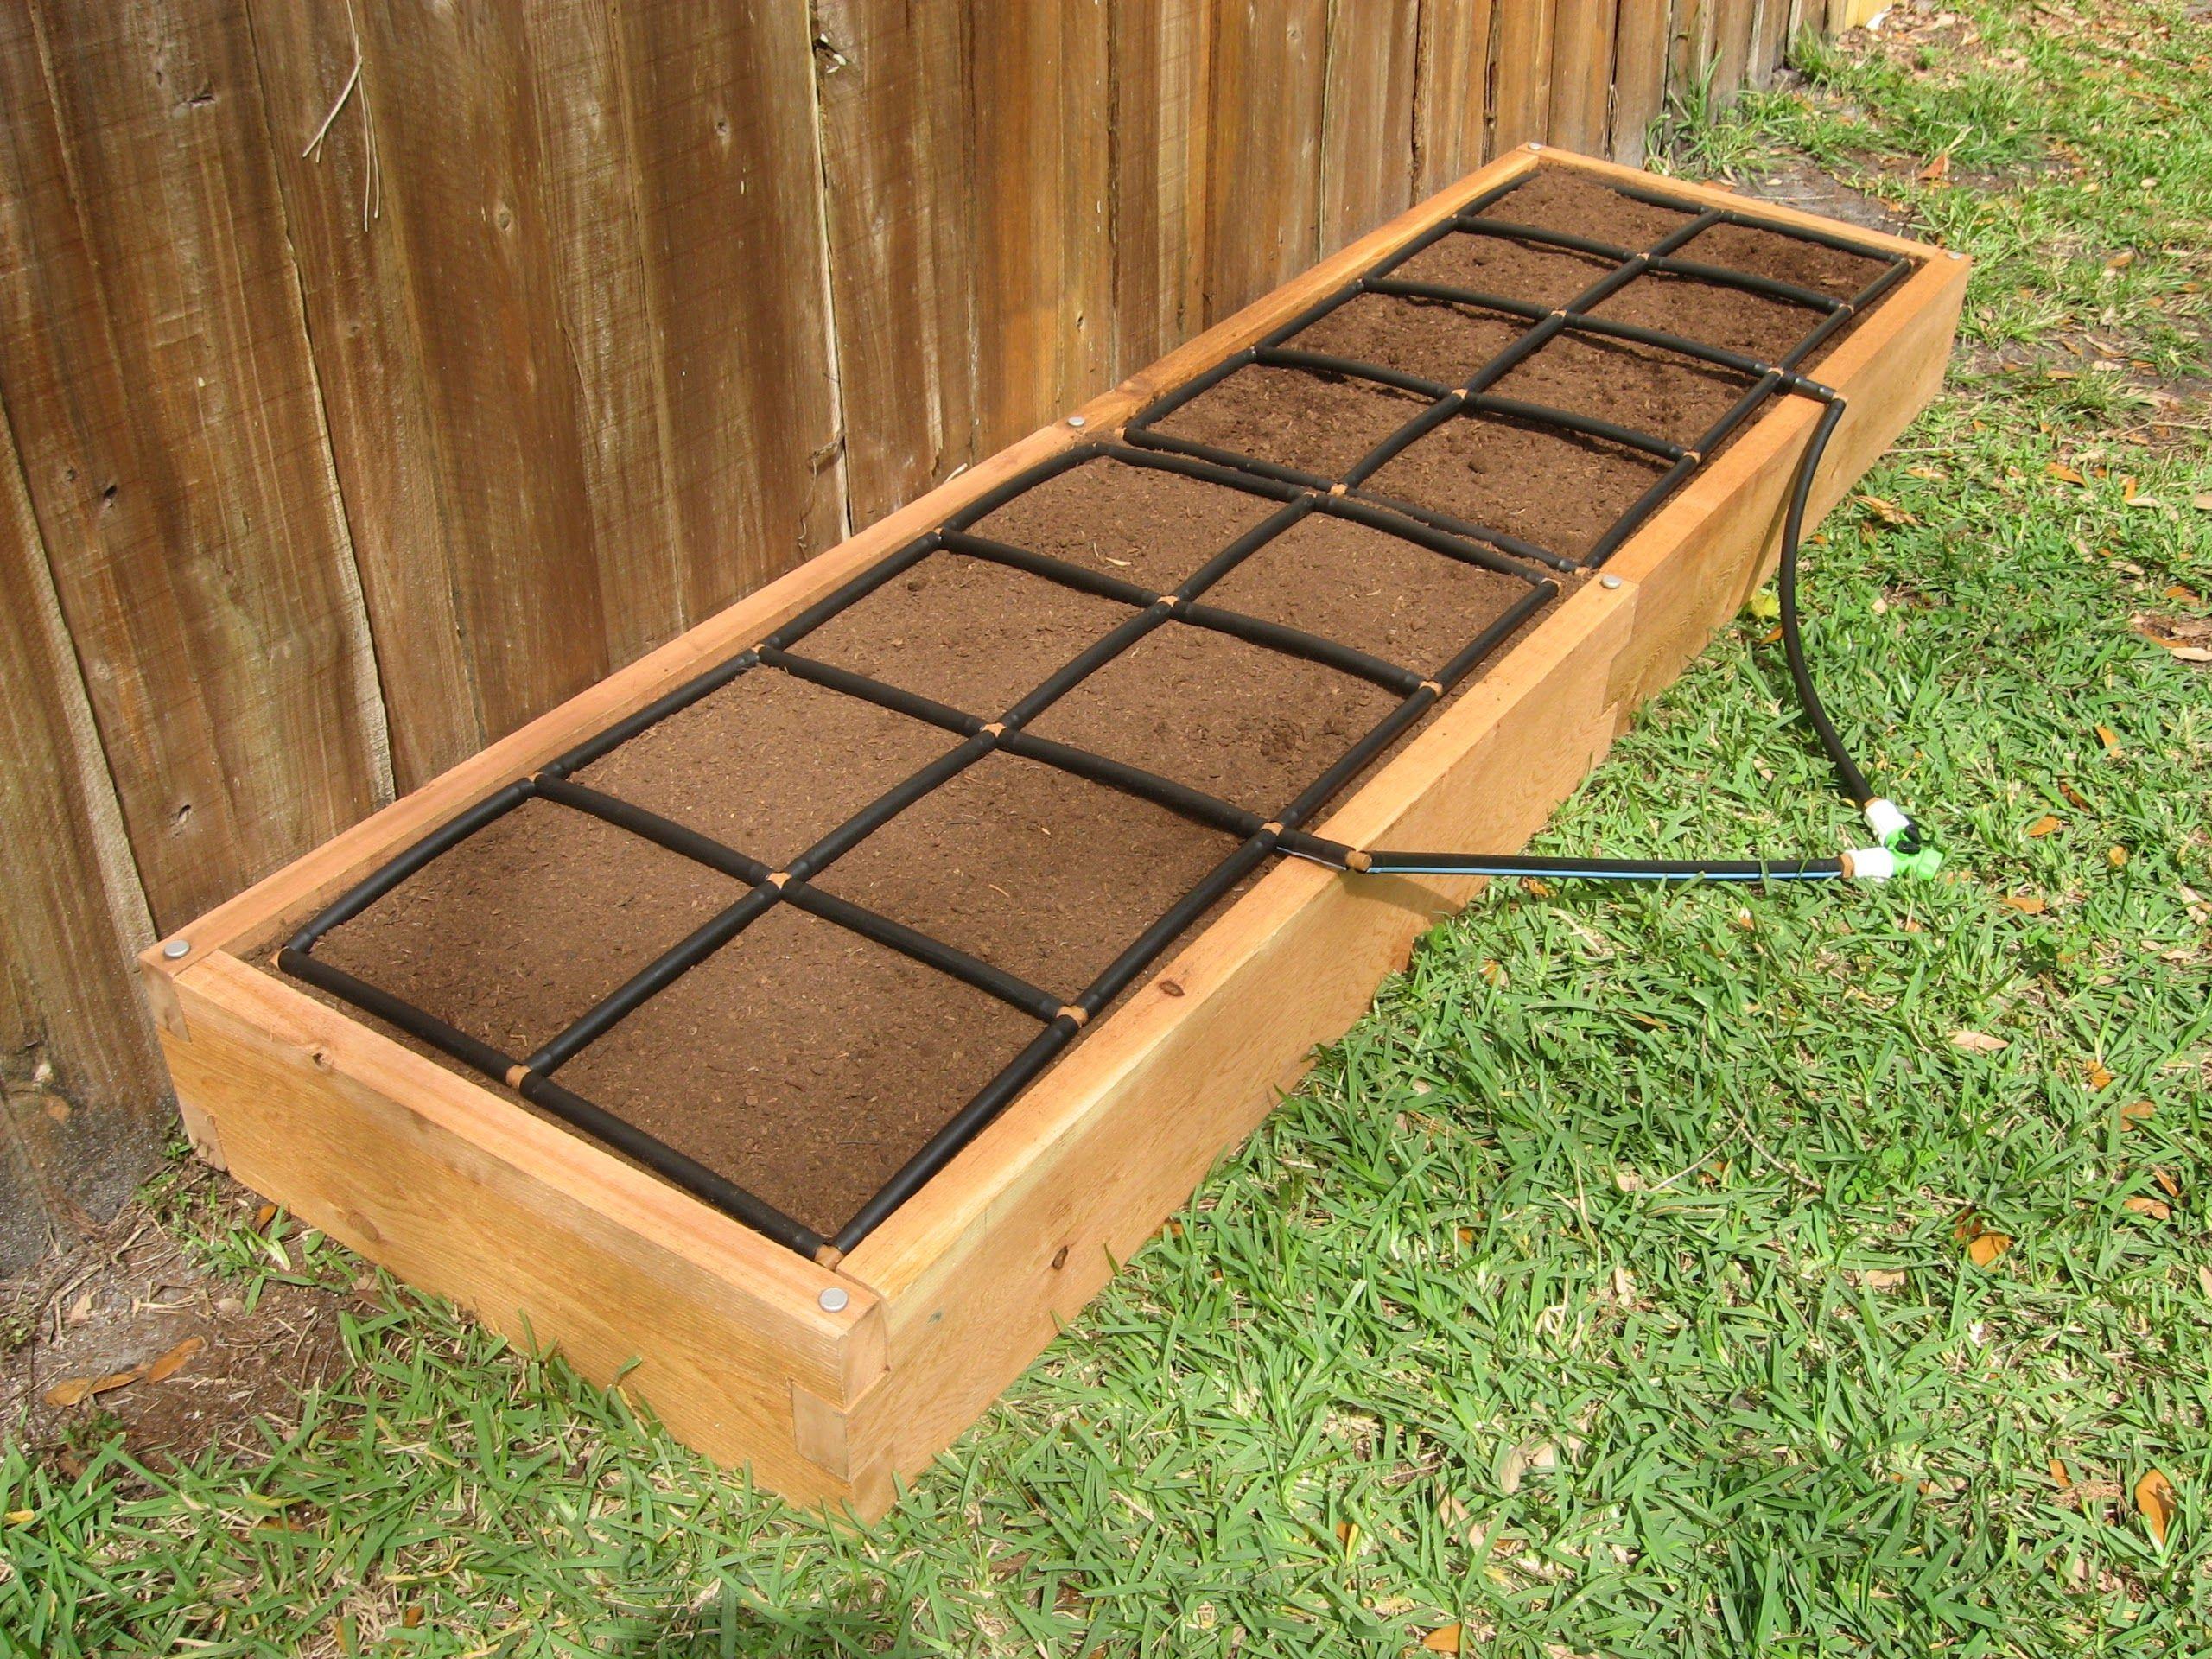 2x8 Raised Garden Kit W The Garden Grid Raised Vegetable